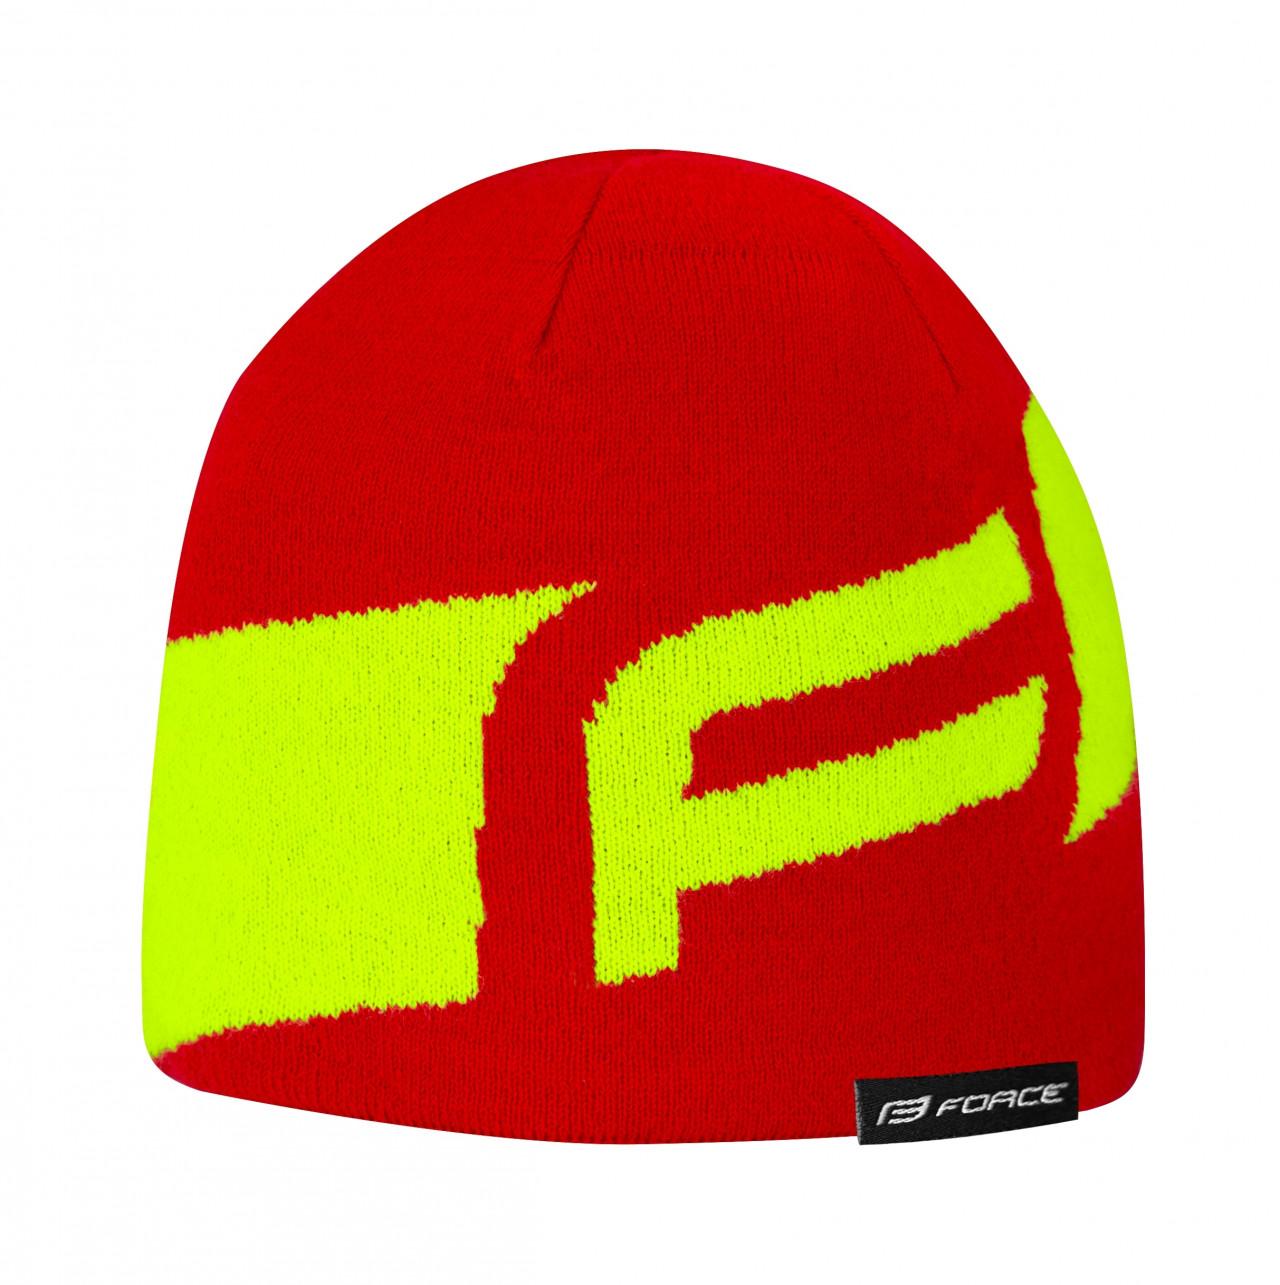 FORCE čiapka zimná DWARF pletená, červeno-fluo